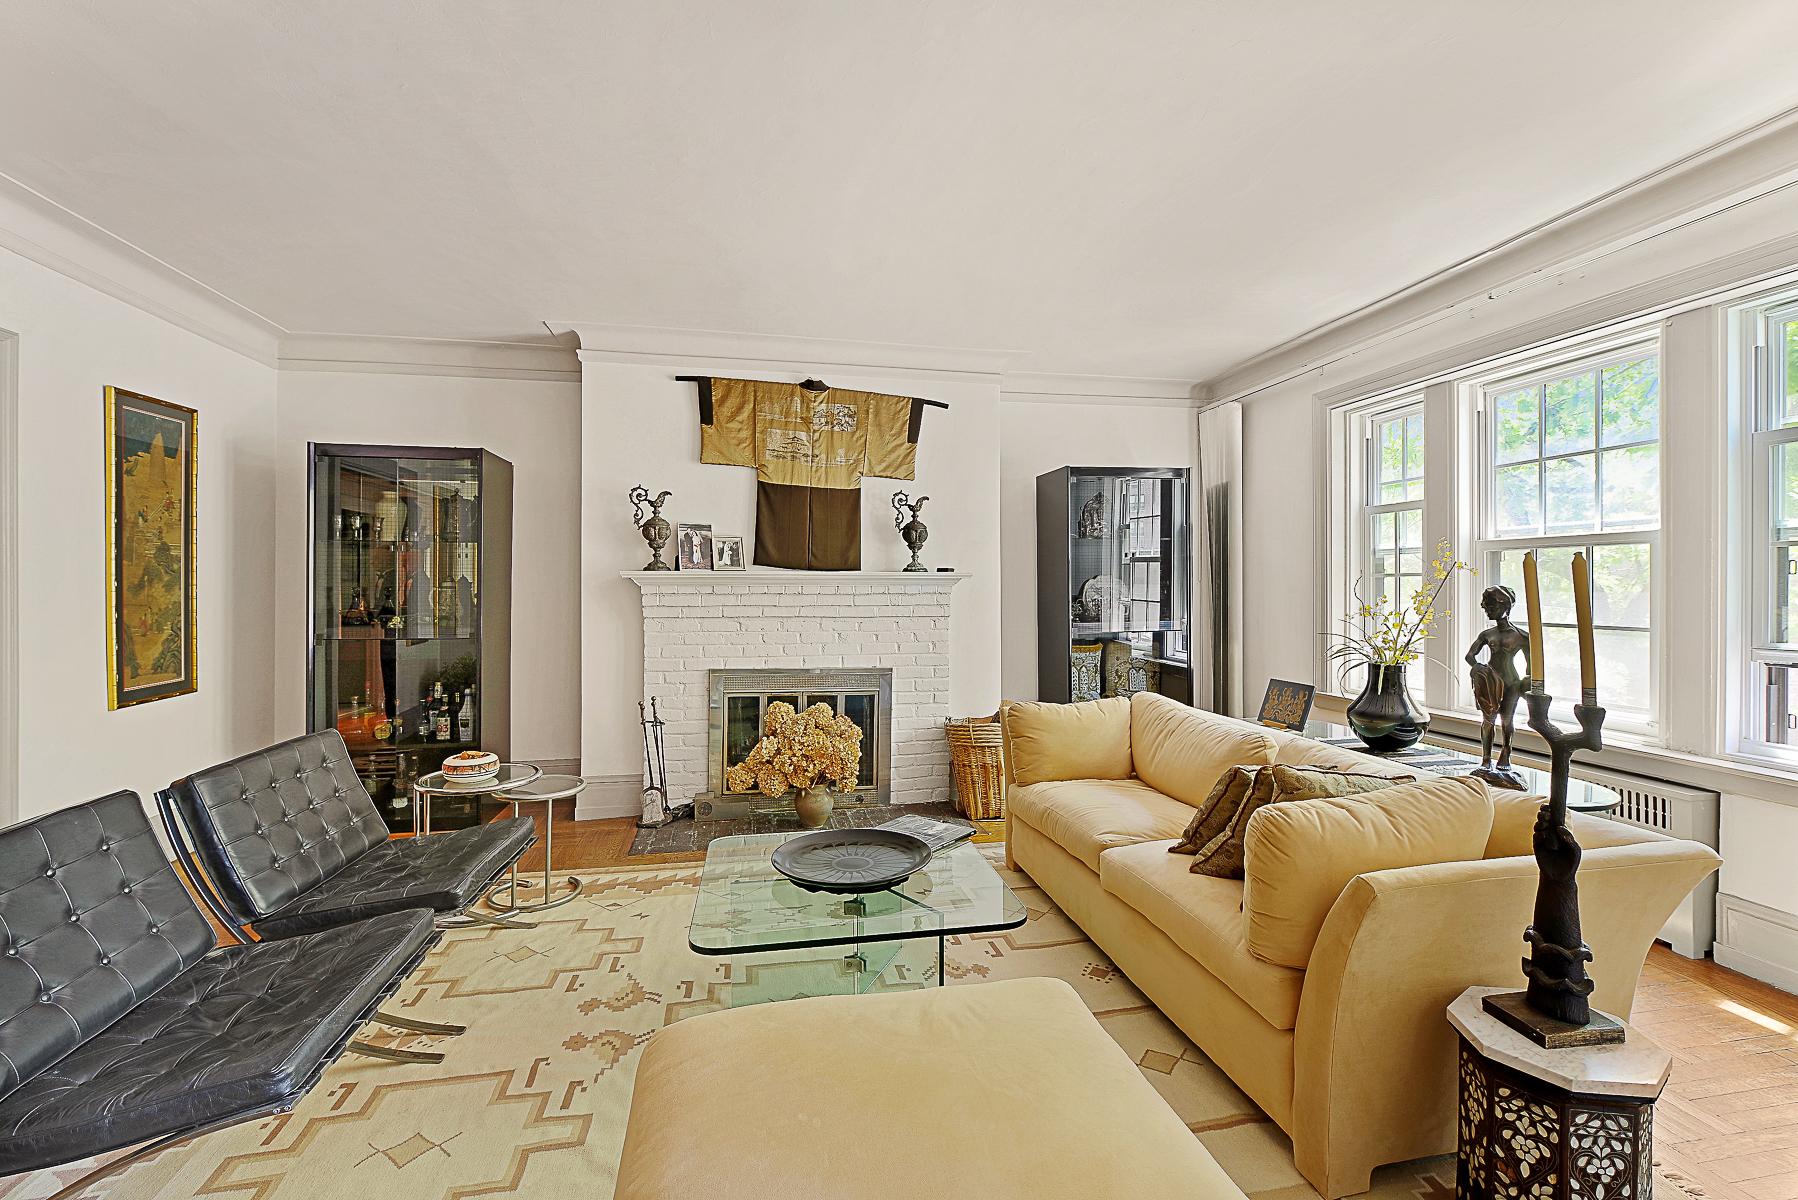 Nhà tập thể vì Bán tại Rare Prewar Classic Six 525 West 238 Street 1B Riverdale, New York, 10463 Hoa Kỳ